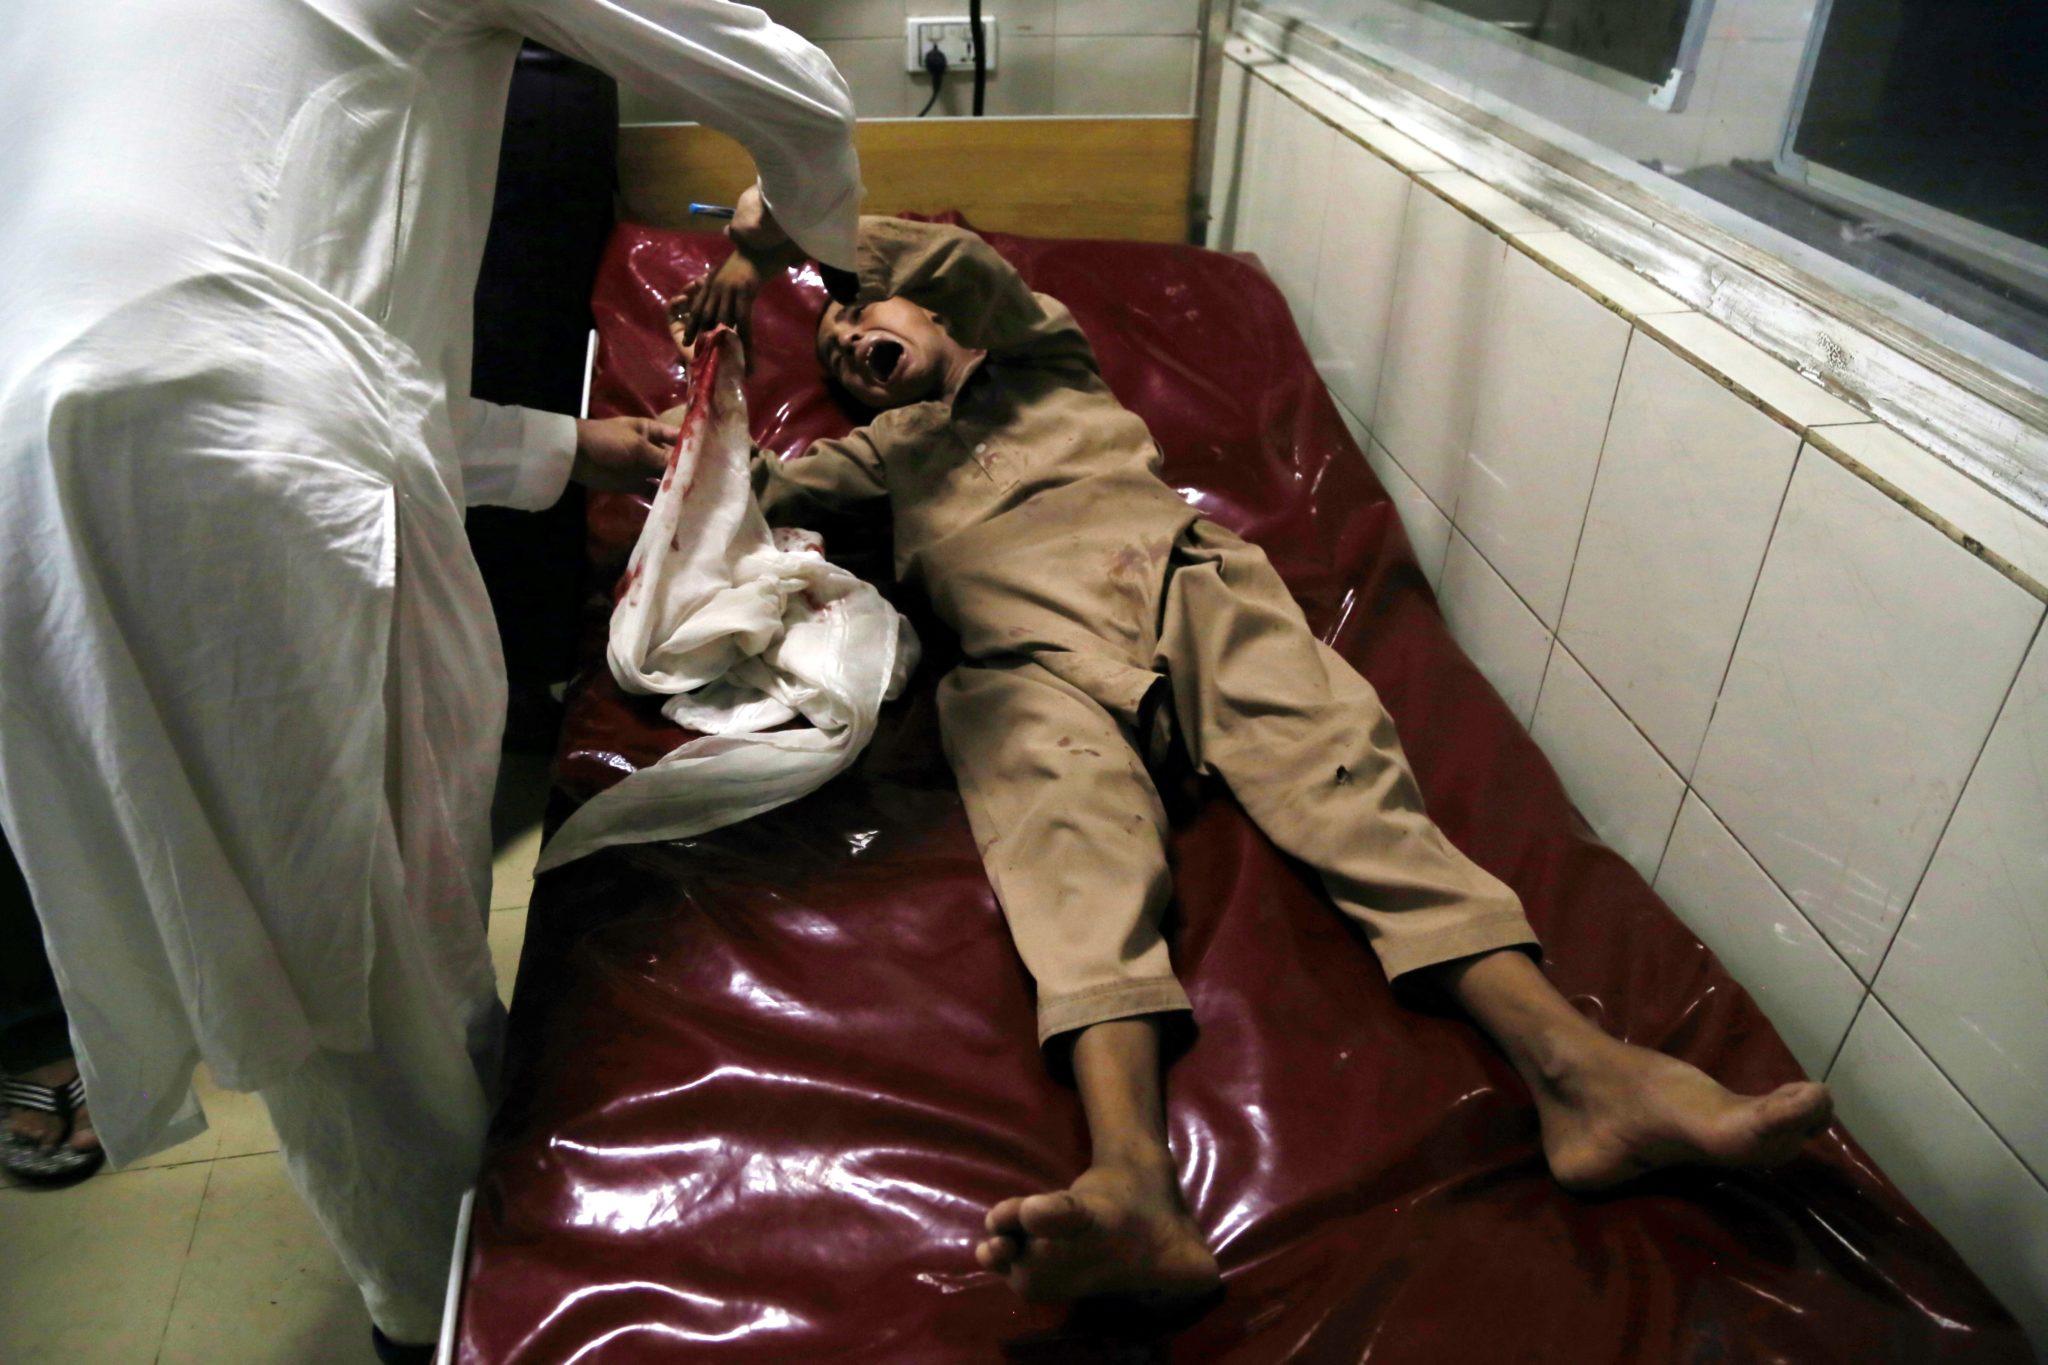 W Dżalalabadzie, mieście położonym we wschodnim Afganistanie, stolicy prowincji Nangarhar, doszło w sobotę do zamachu na szkołę dla położnych; słychać było strzały w internacie i liczne wybuchy. To już czwarty poważny atak w Dżalalabadzie w od początku miesiąca. Za zamachy odpowiedzialność wzięli na siebie bojownicy lokalnej filii tzw. Państwa Islamskiego.